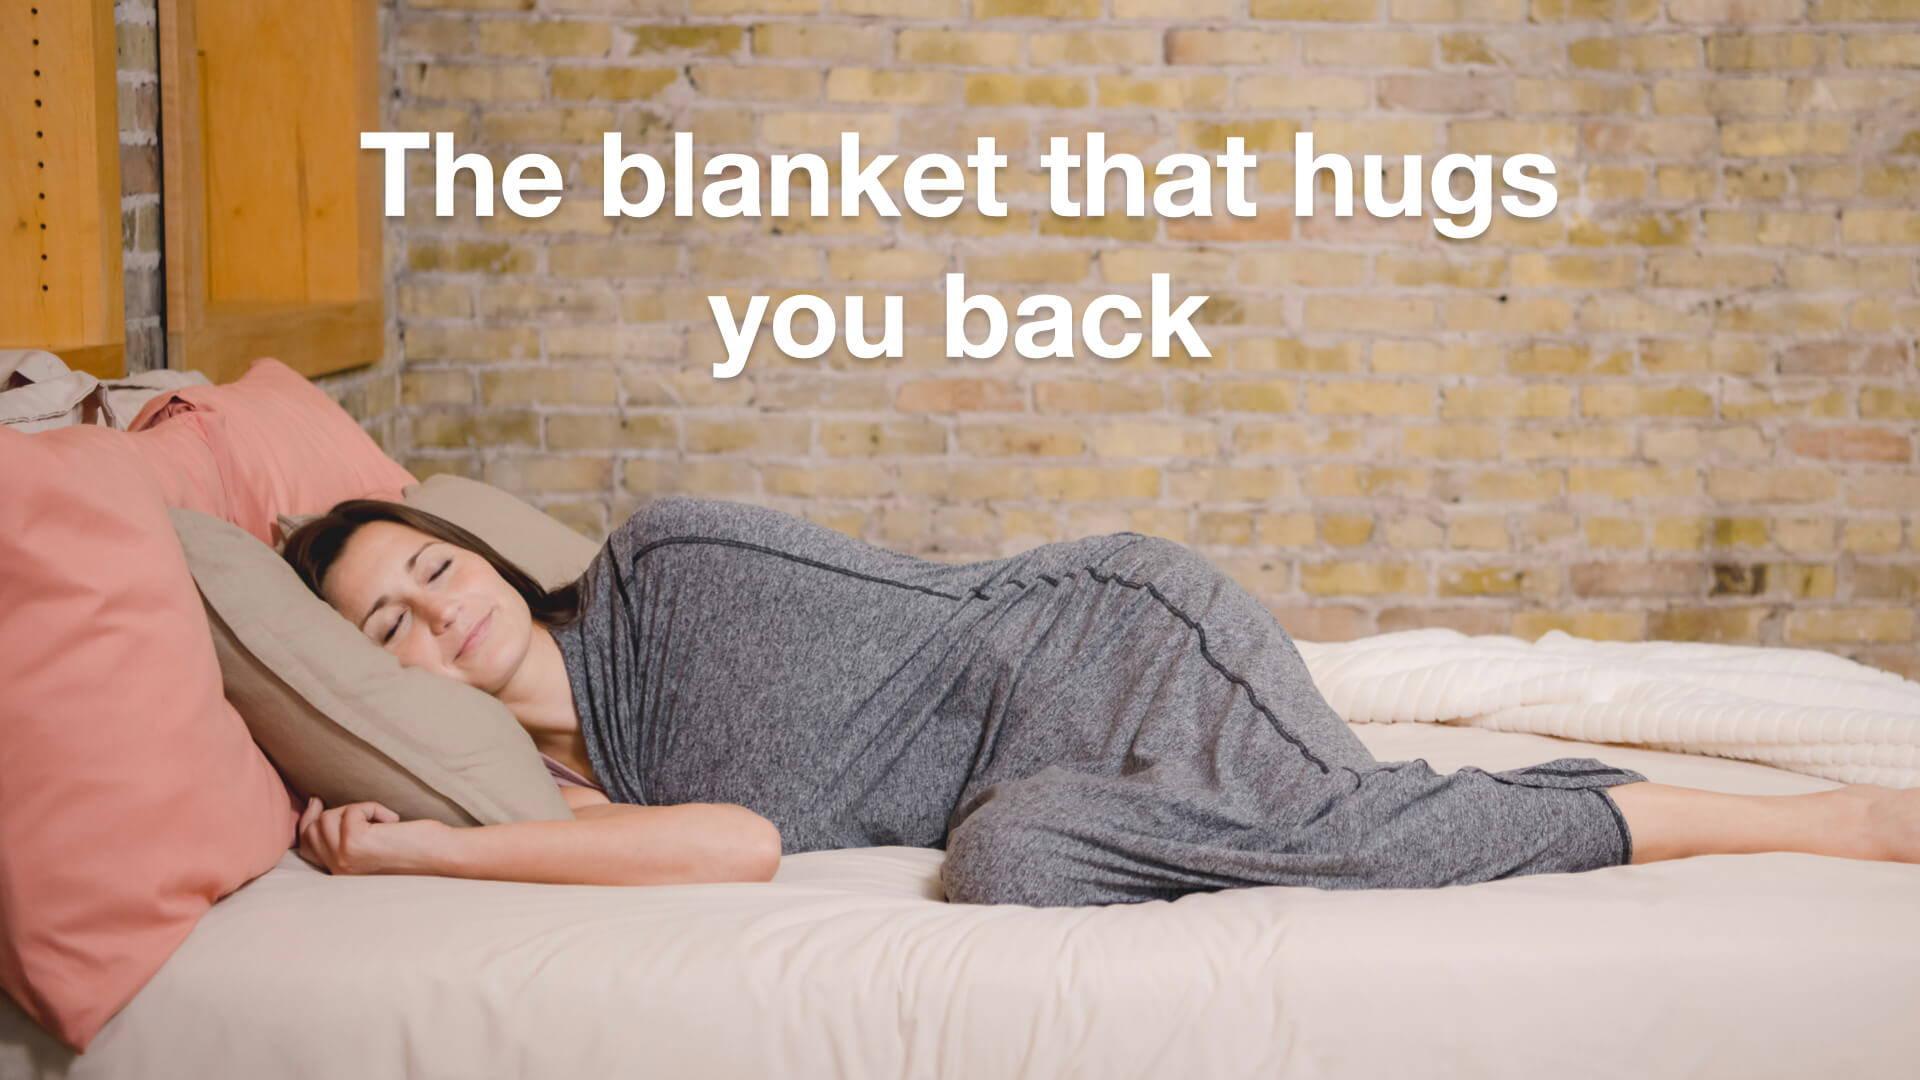 The blanket that hugs you back - woman in sleep pod sleeping on bed